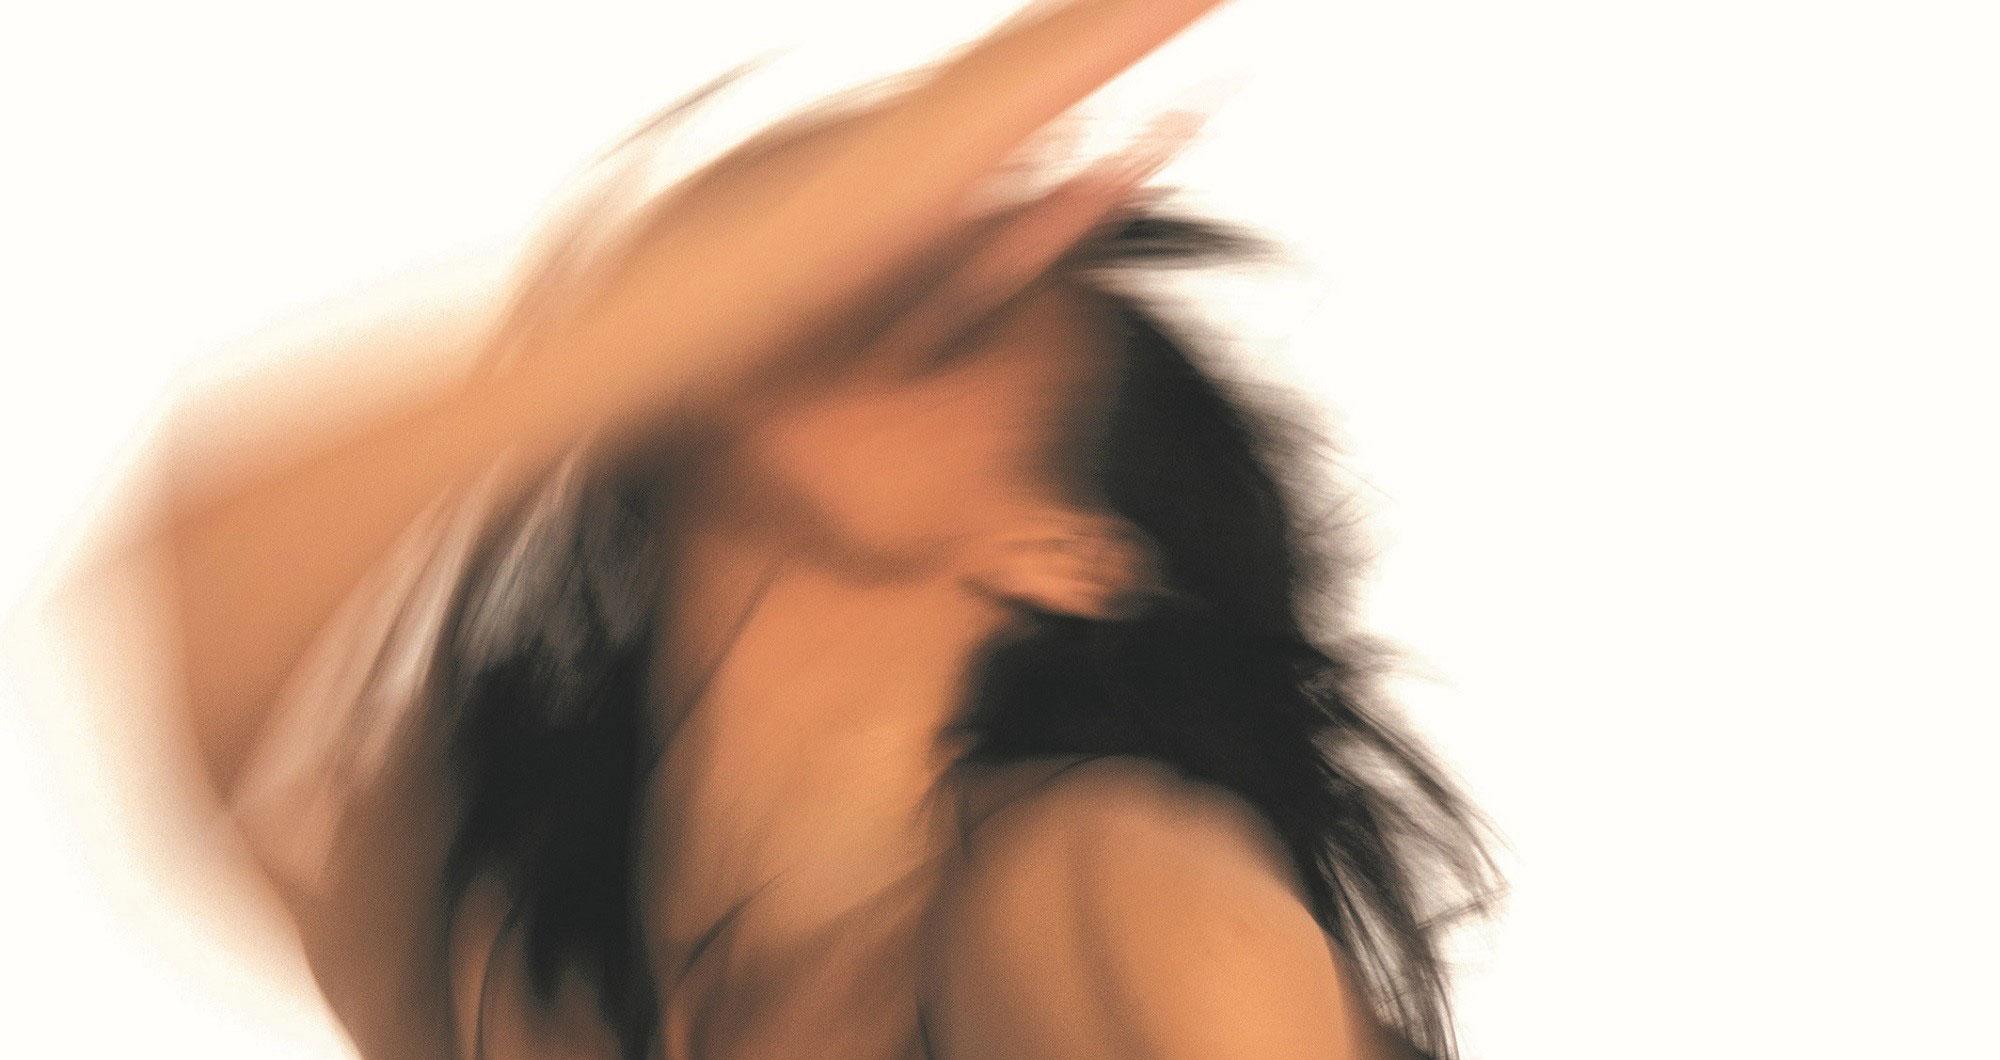 """© Gabriella Fiore. """"It's all forgotten now"""", Kompanie Christoph Winkler in den Sophiensälen. Eine Frau mit langen dunklen Haaren bewegt ihren Kopf und ihren rechten Arm mit schnellen Bewegungen nach oben, sodass eine Bewegungsunschärfe entsteht."""